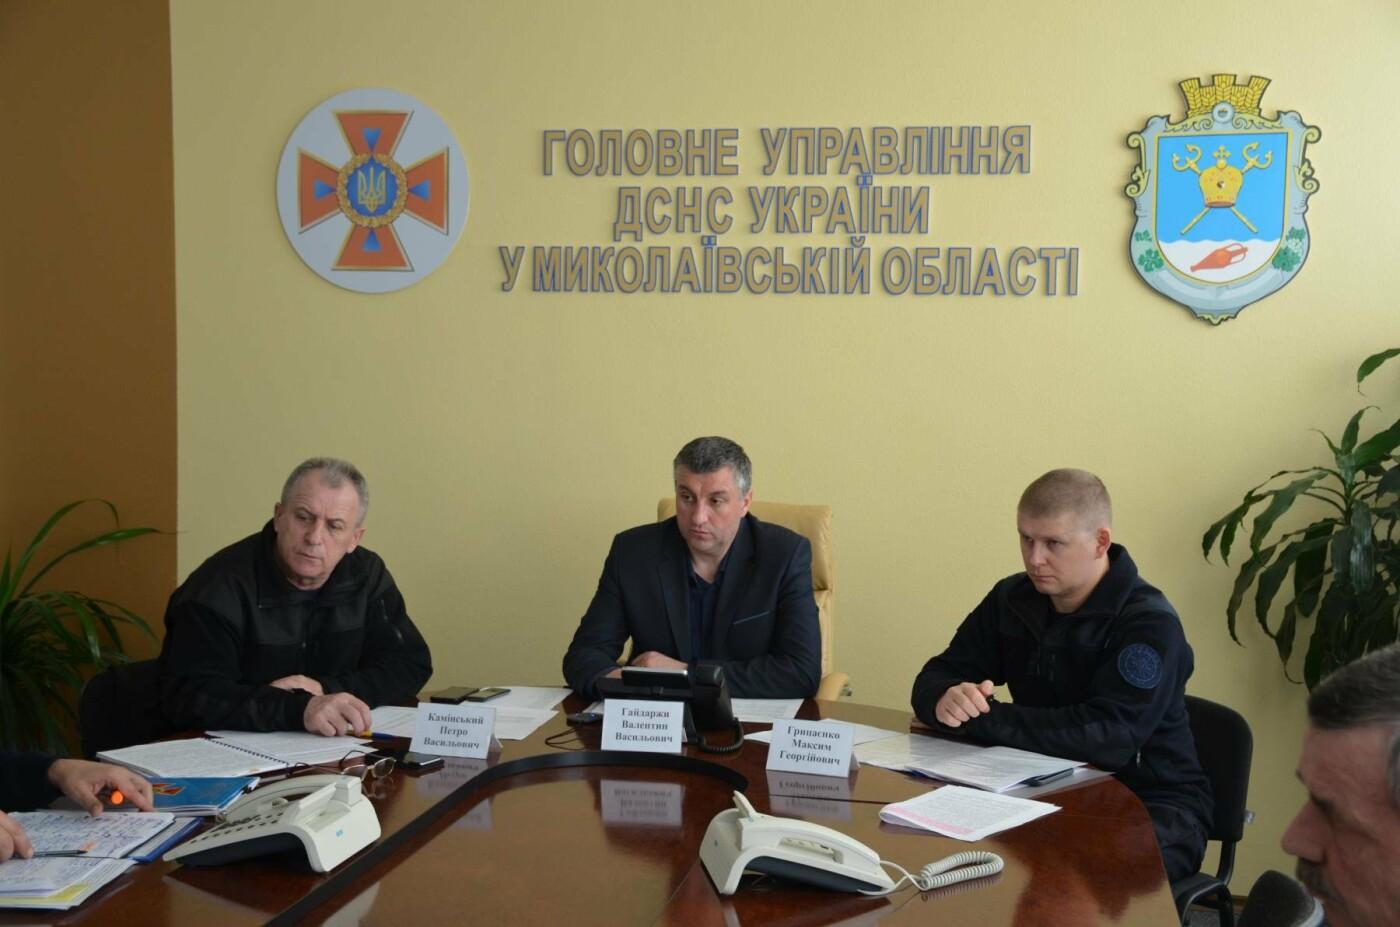 Николаевские спасатели обсудили безопасность торговых центров, лесов и церквей, - ФОТО, фото-3